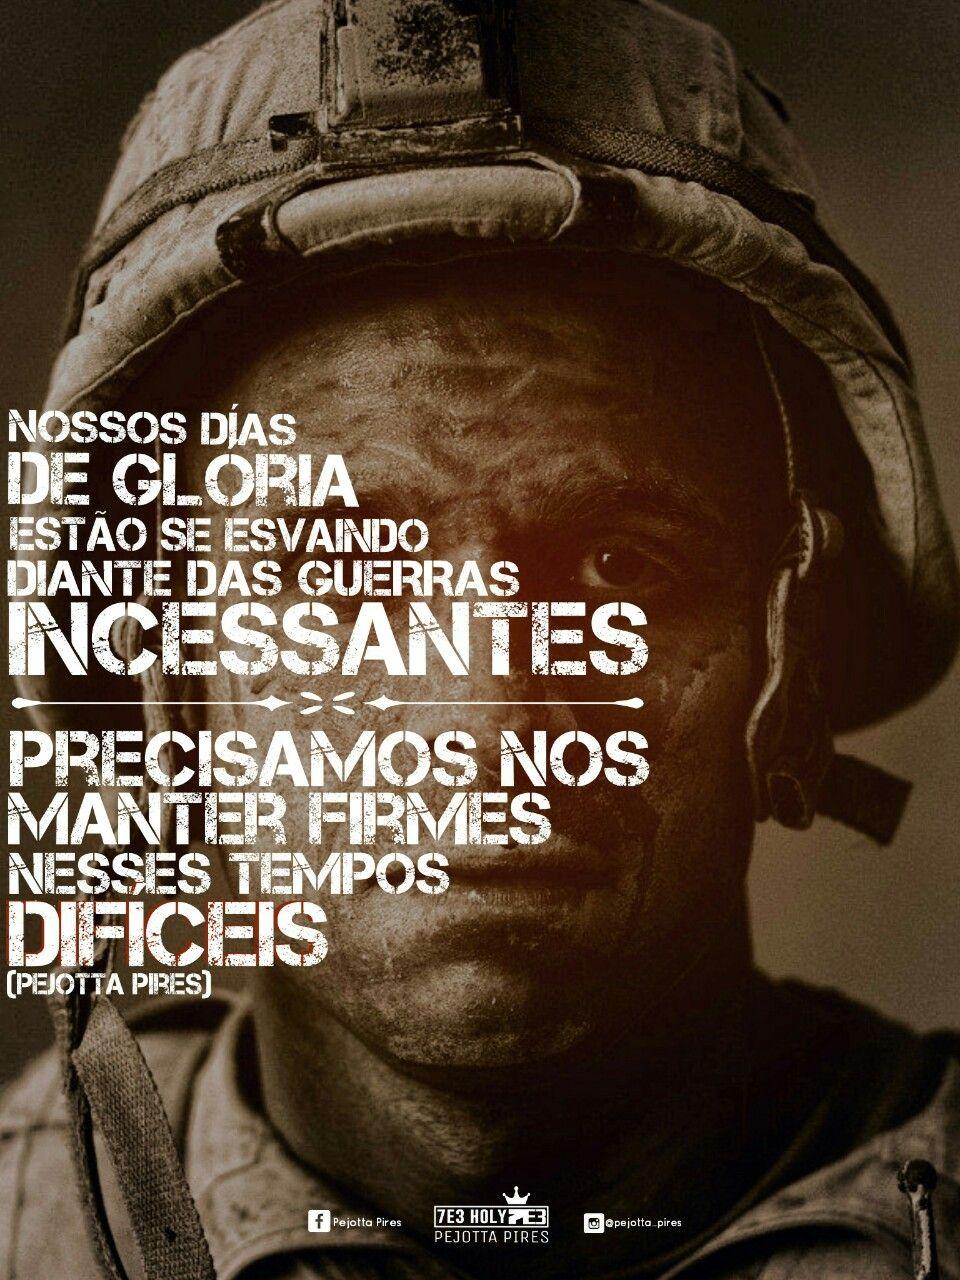 Nossos Dias De Glória Estão Se Esvaindo Diante Das Guerras